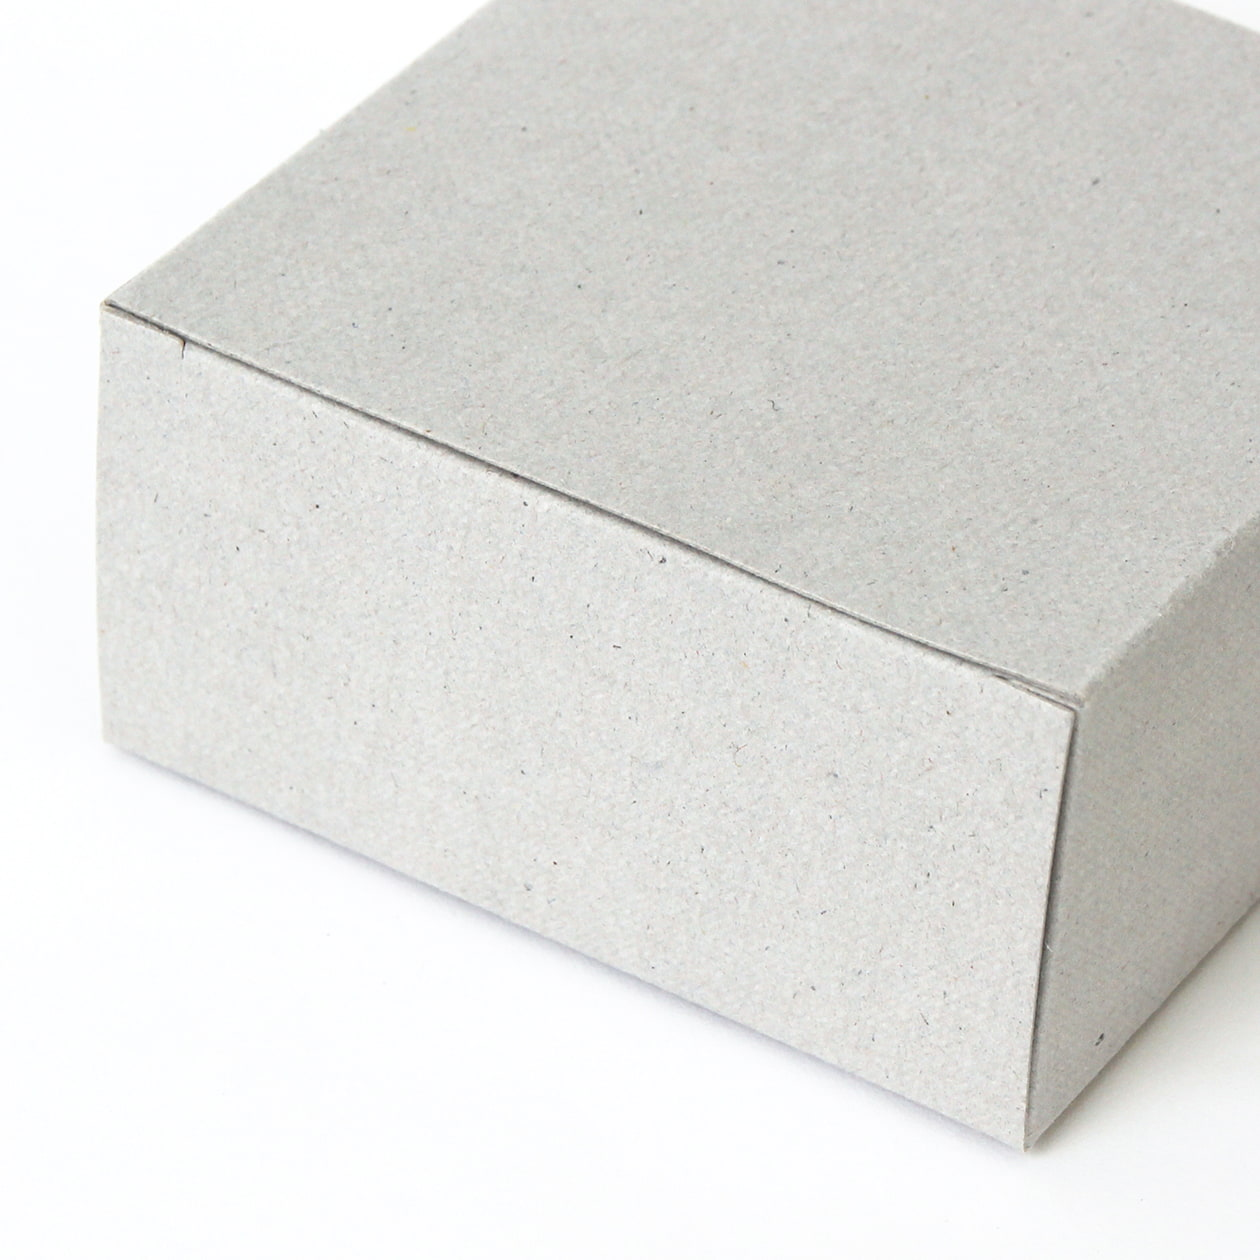 キャラメル箱80×40×80 ボード紙 グレー 270g